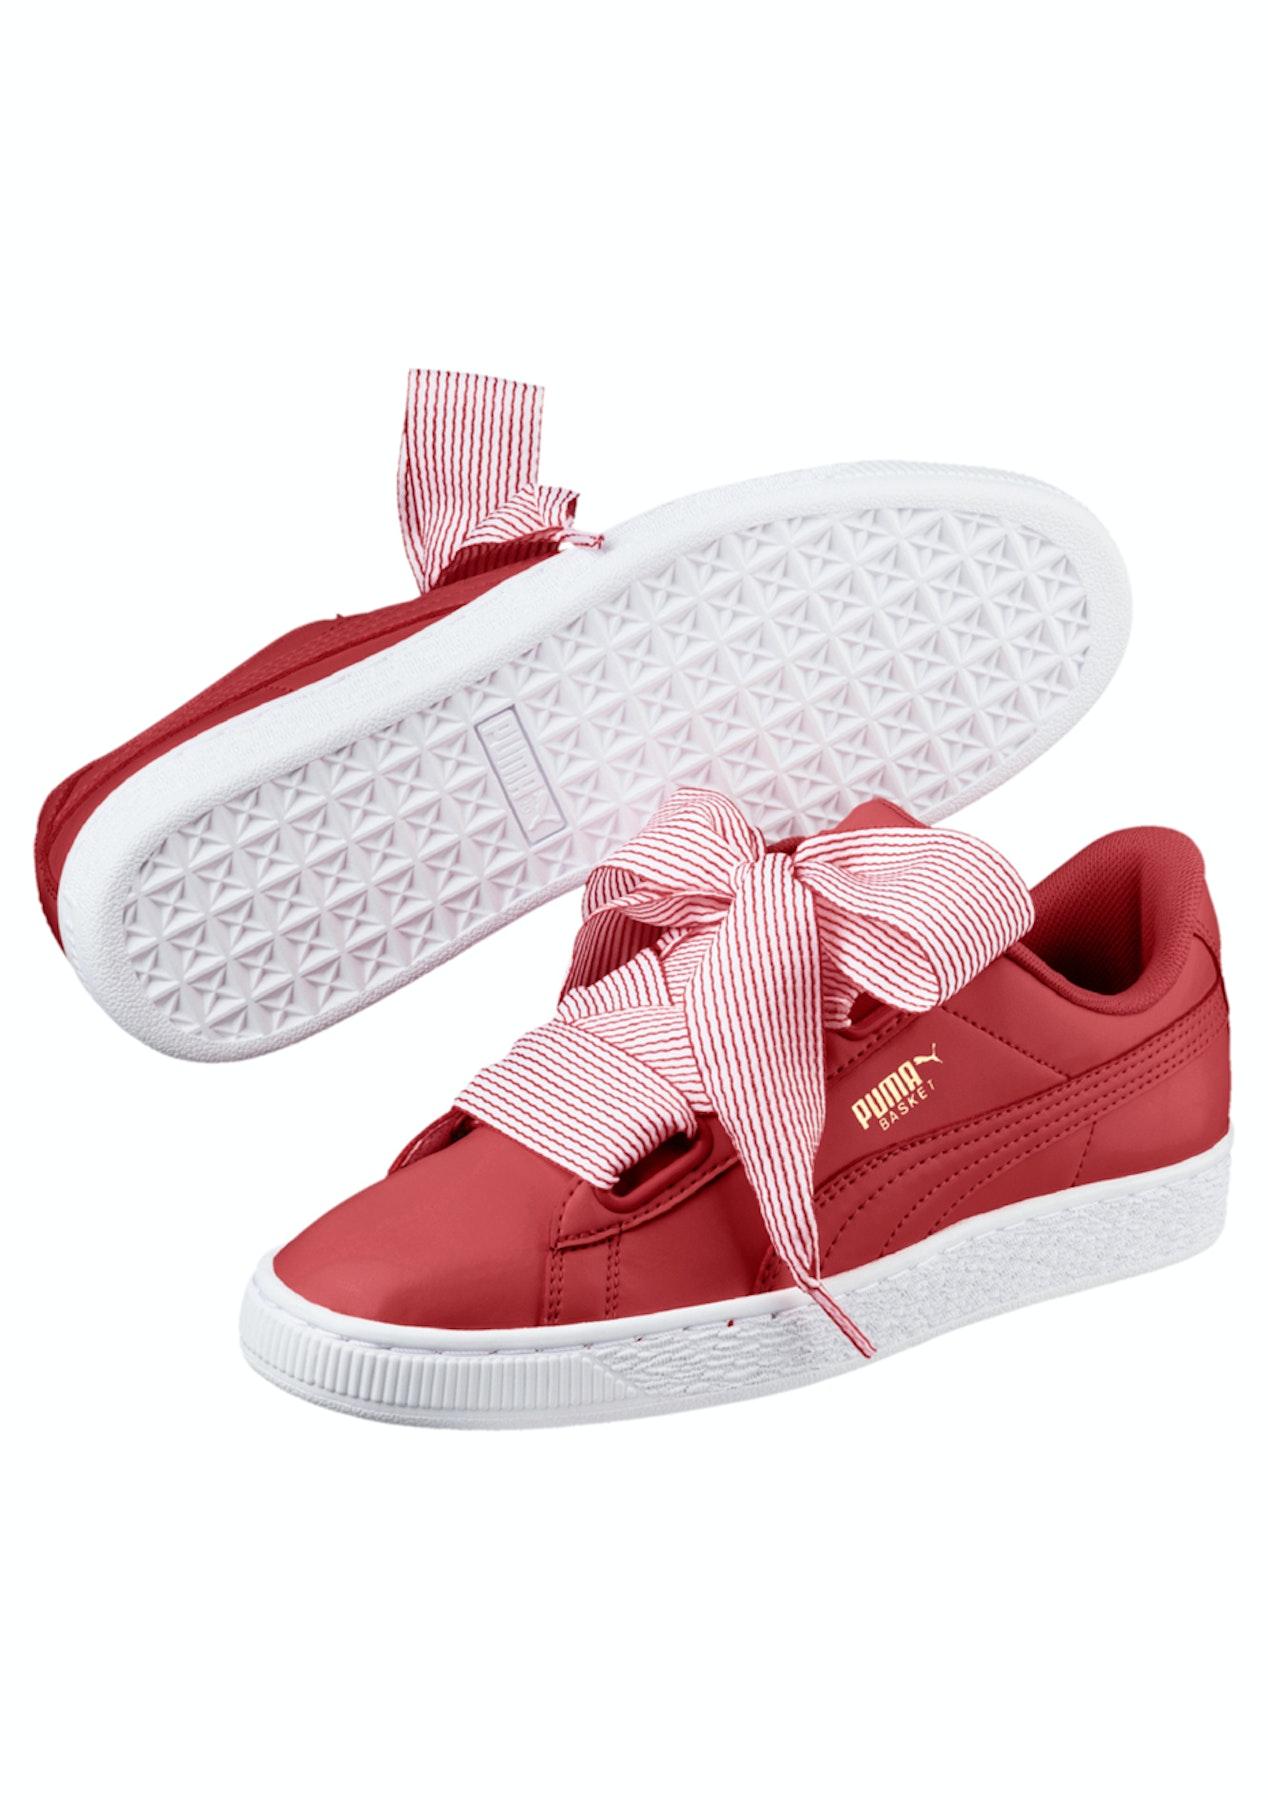 best website d6035 fbae8 Puma Womens - Basket Heart - Shell-Pink